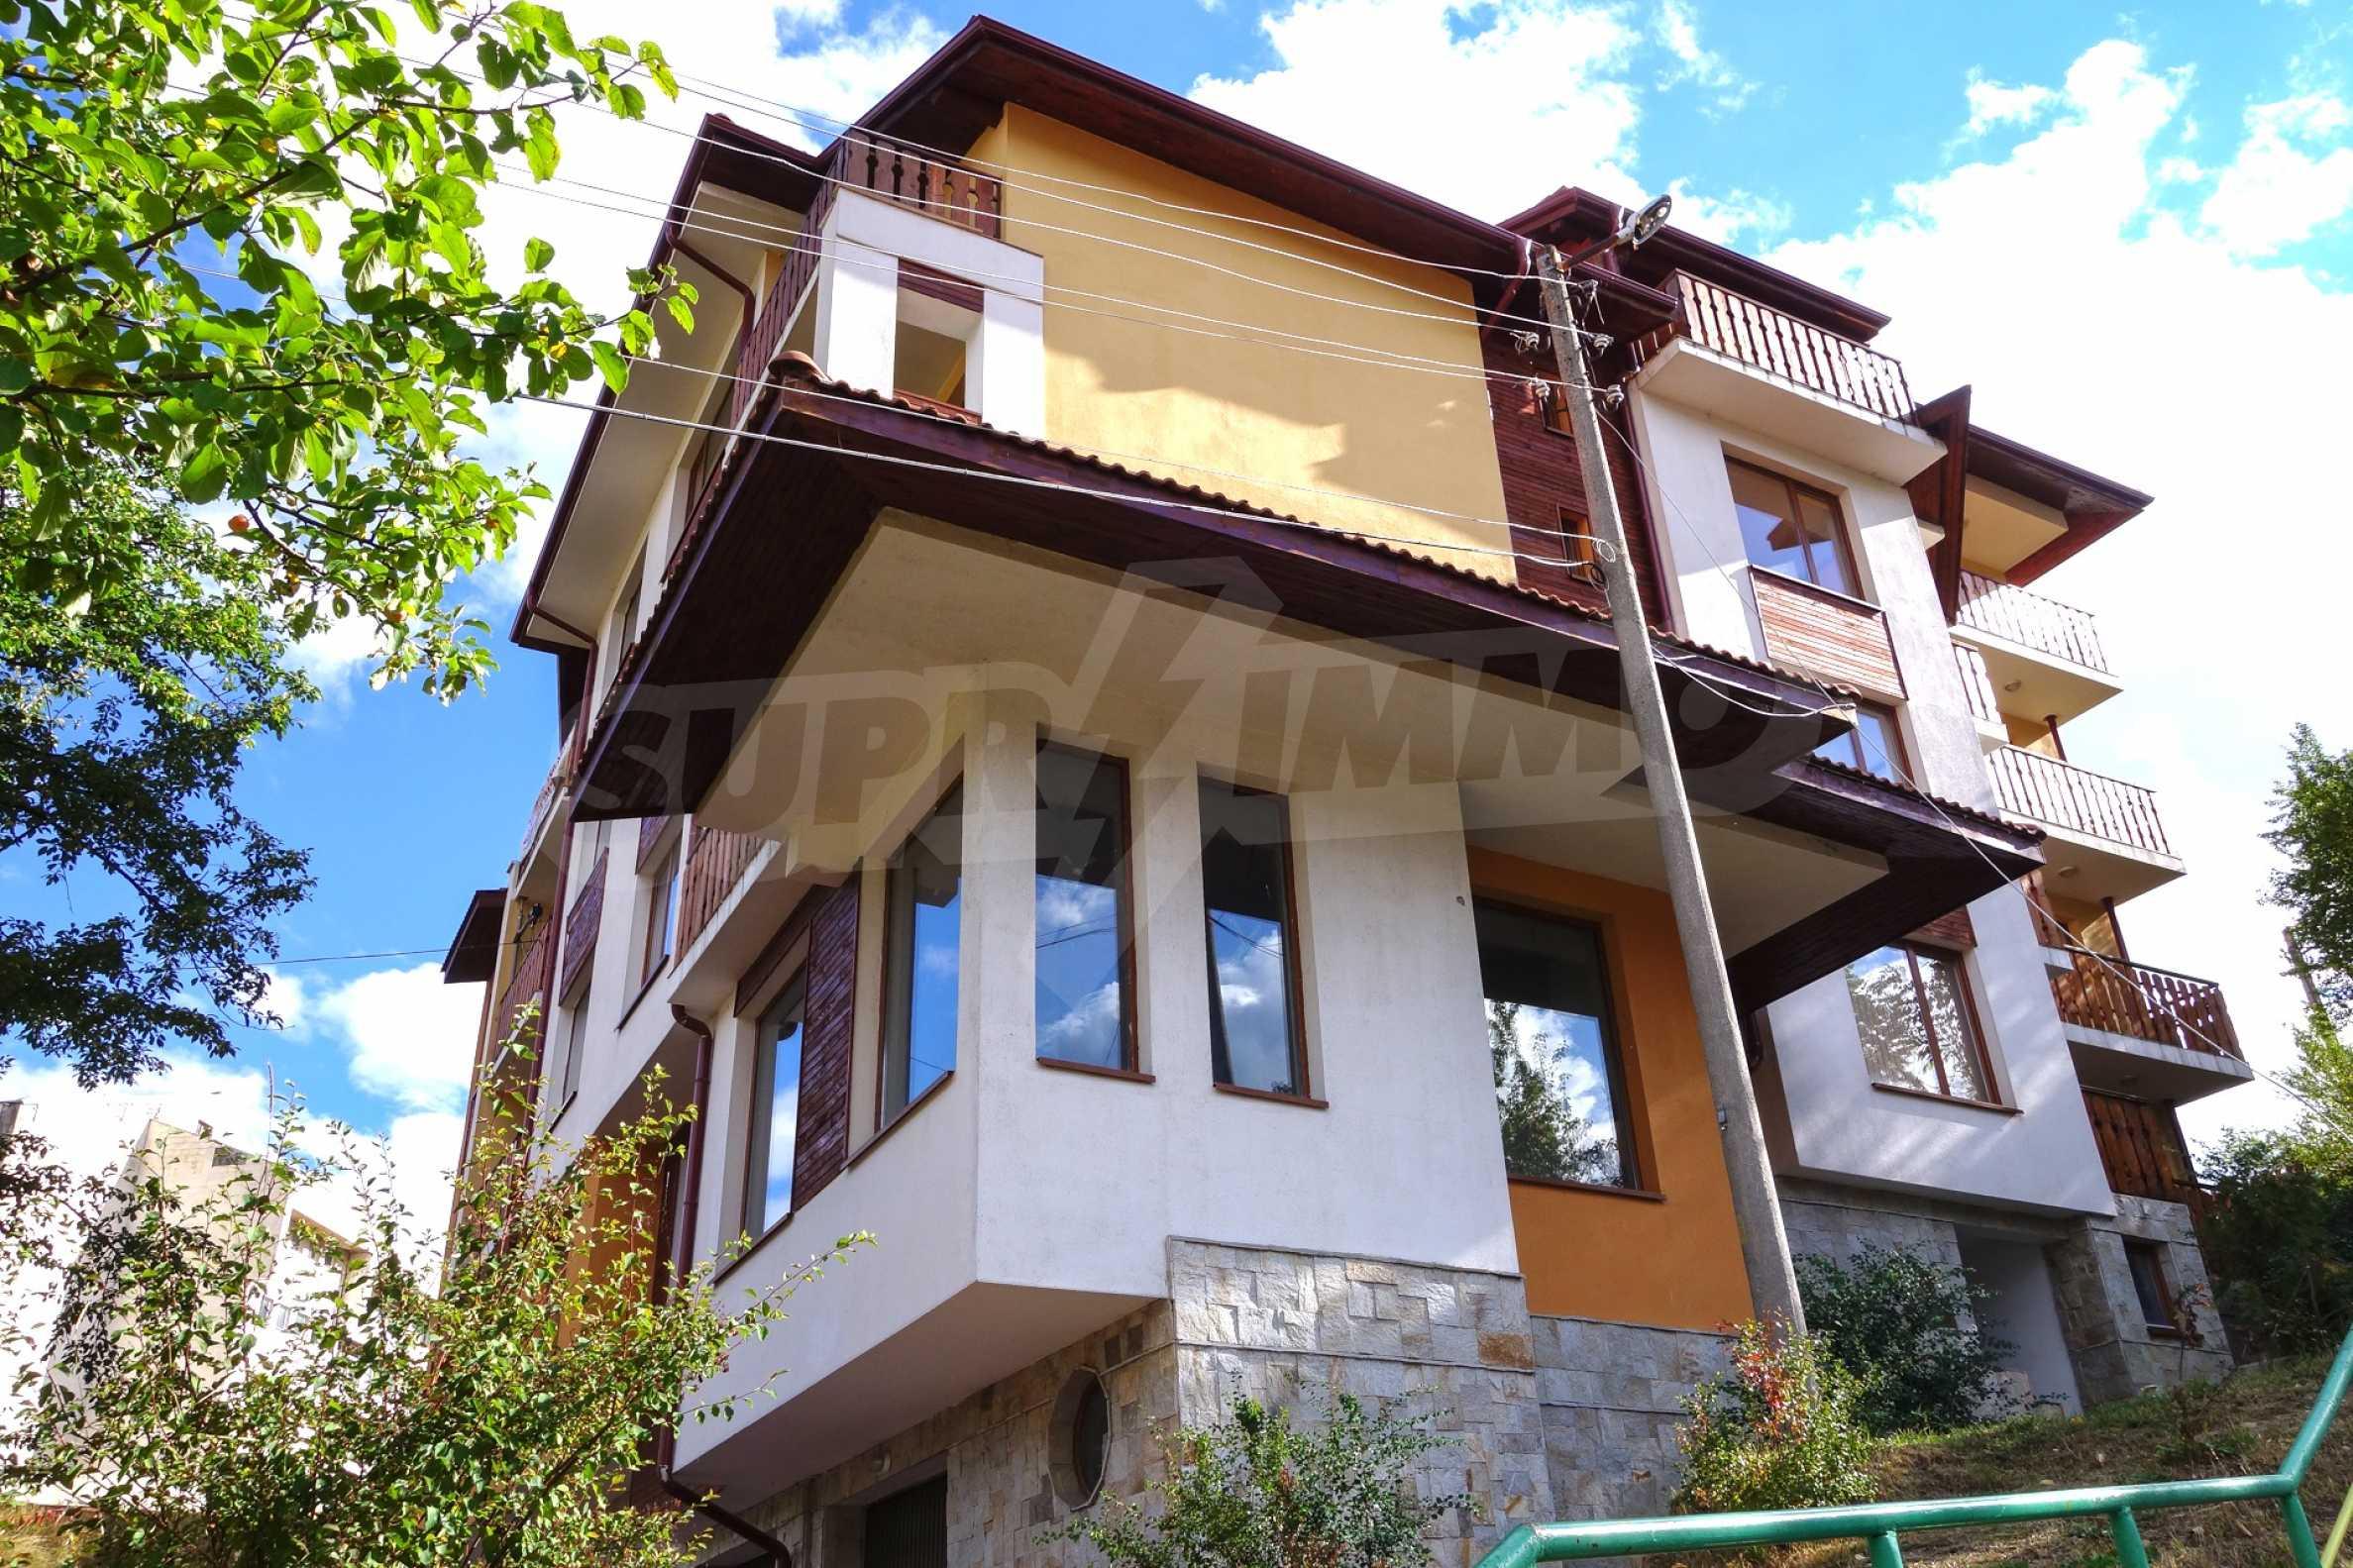 Апартаменты Диони / Dioni Apartments